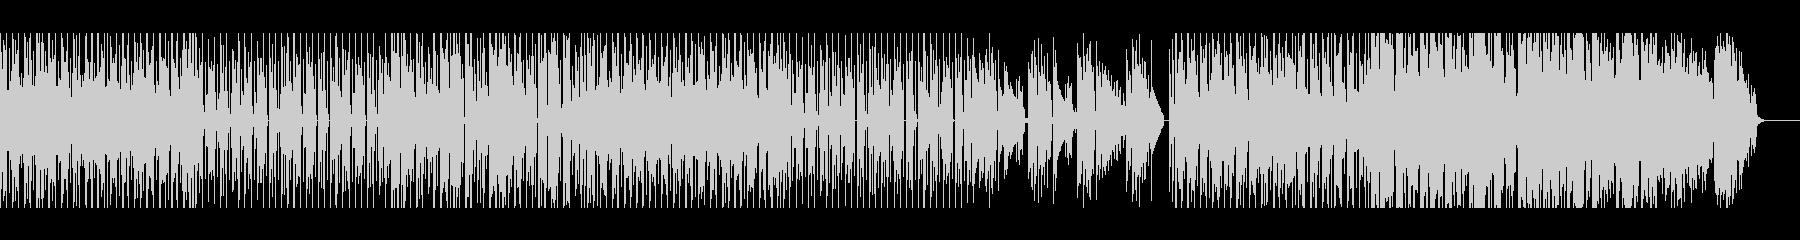 【メロ・パーカッション無】スローファンクの未再生の波形